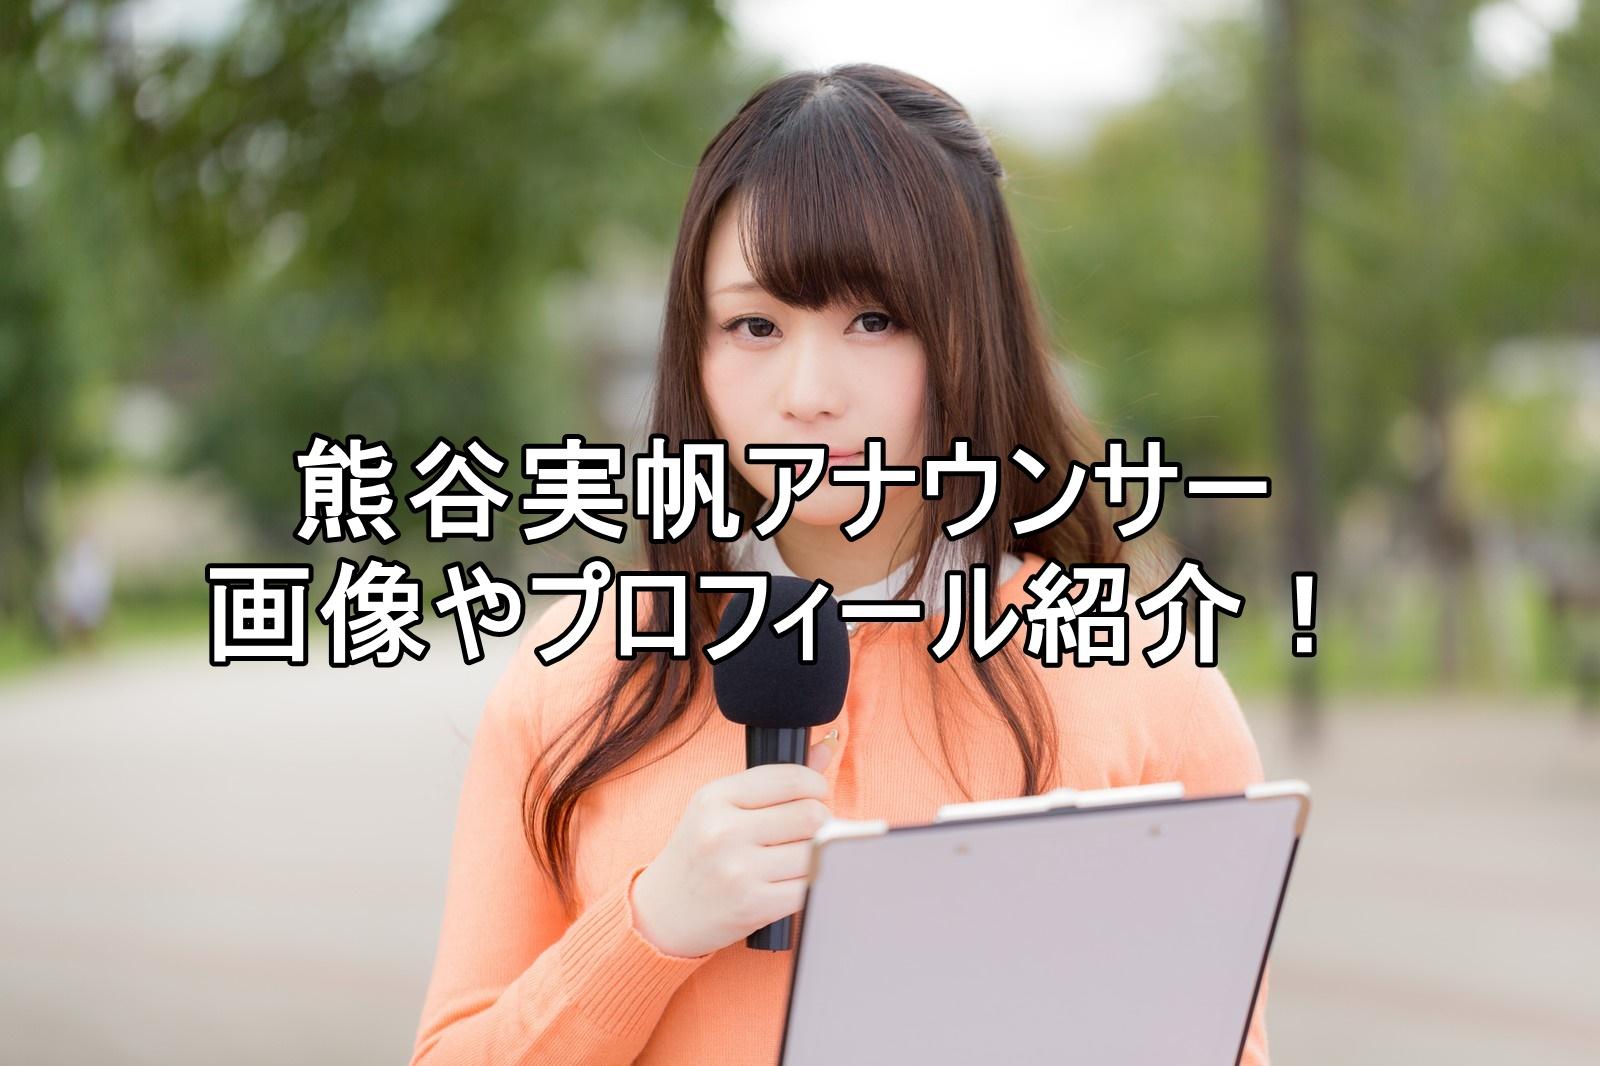 ニッポン 熊谷 放送 美帆